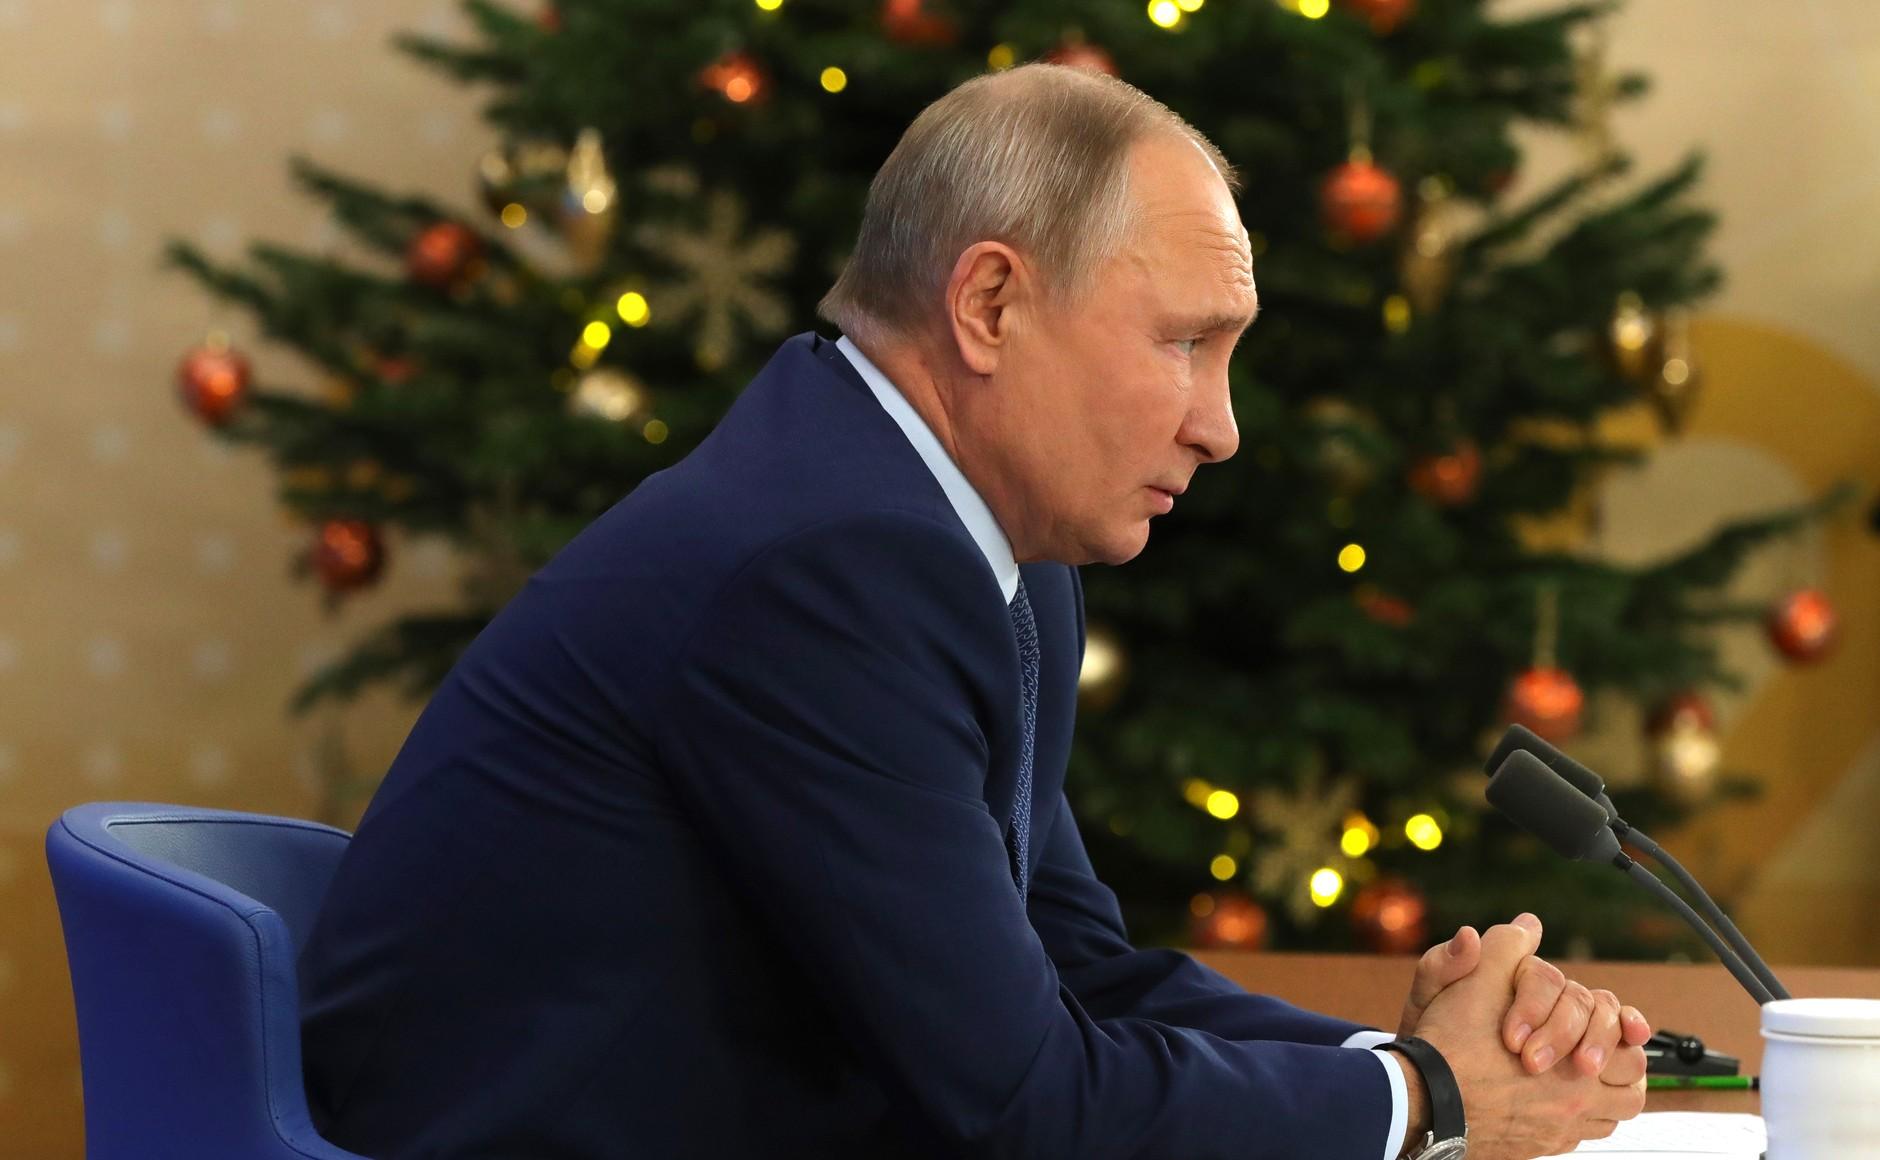 RUSSIE 17.12.2020.CONFERENCE 61 XX 66 Avant le début de la conférence de presse annuelle de Vladimir Poutine.